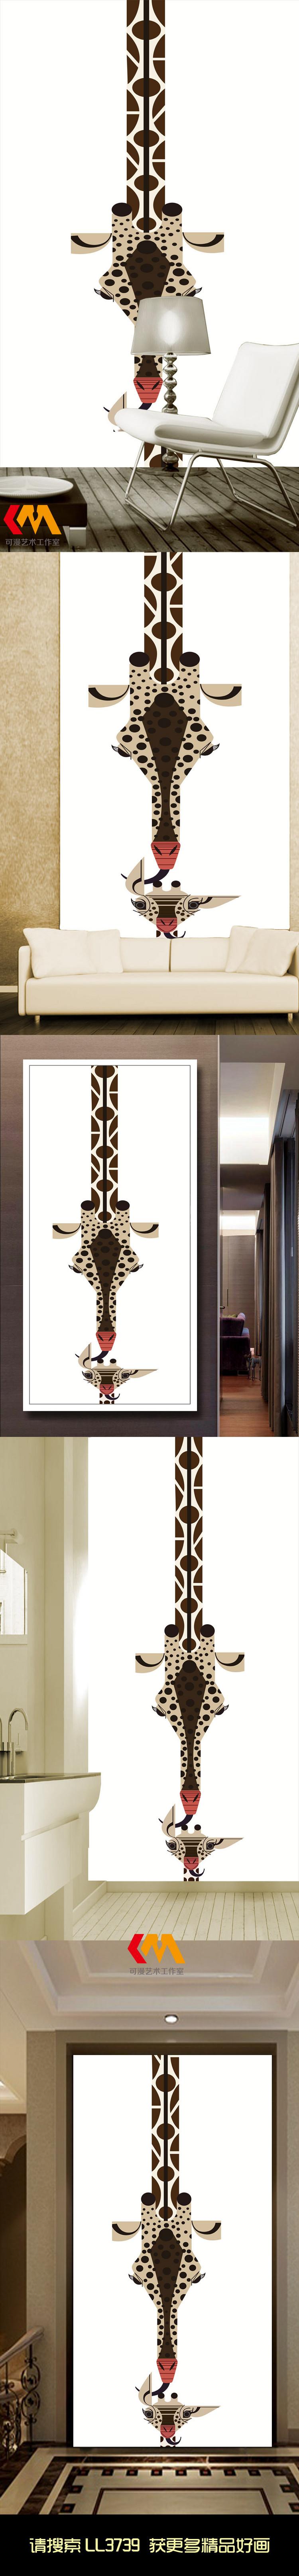 美克美家现代简约长颈鹿玄关装饰画